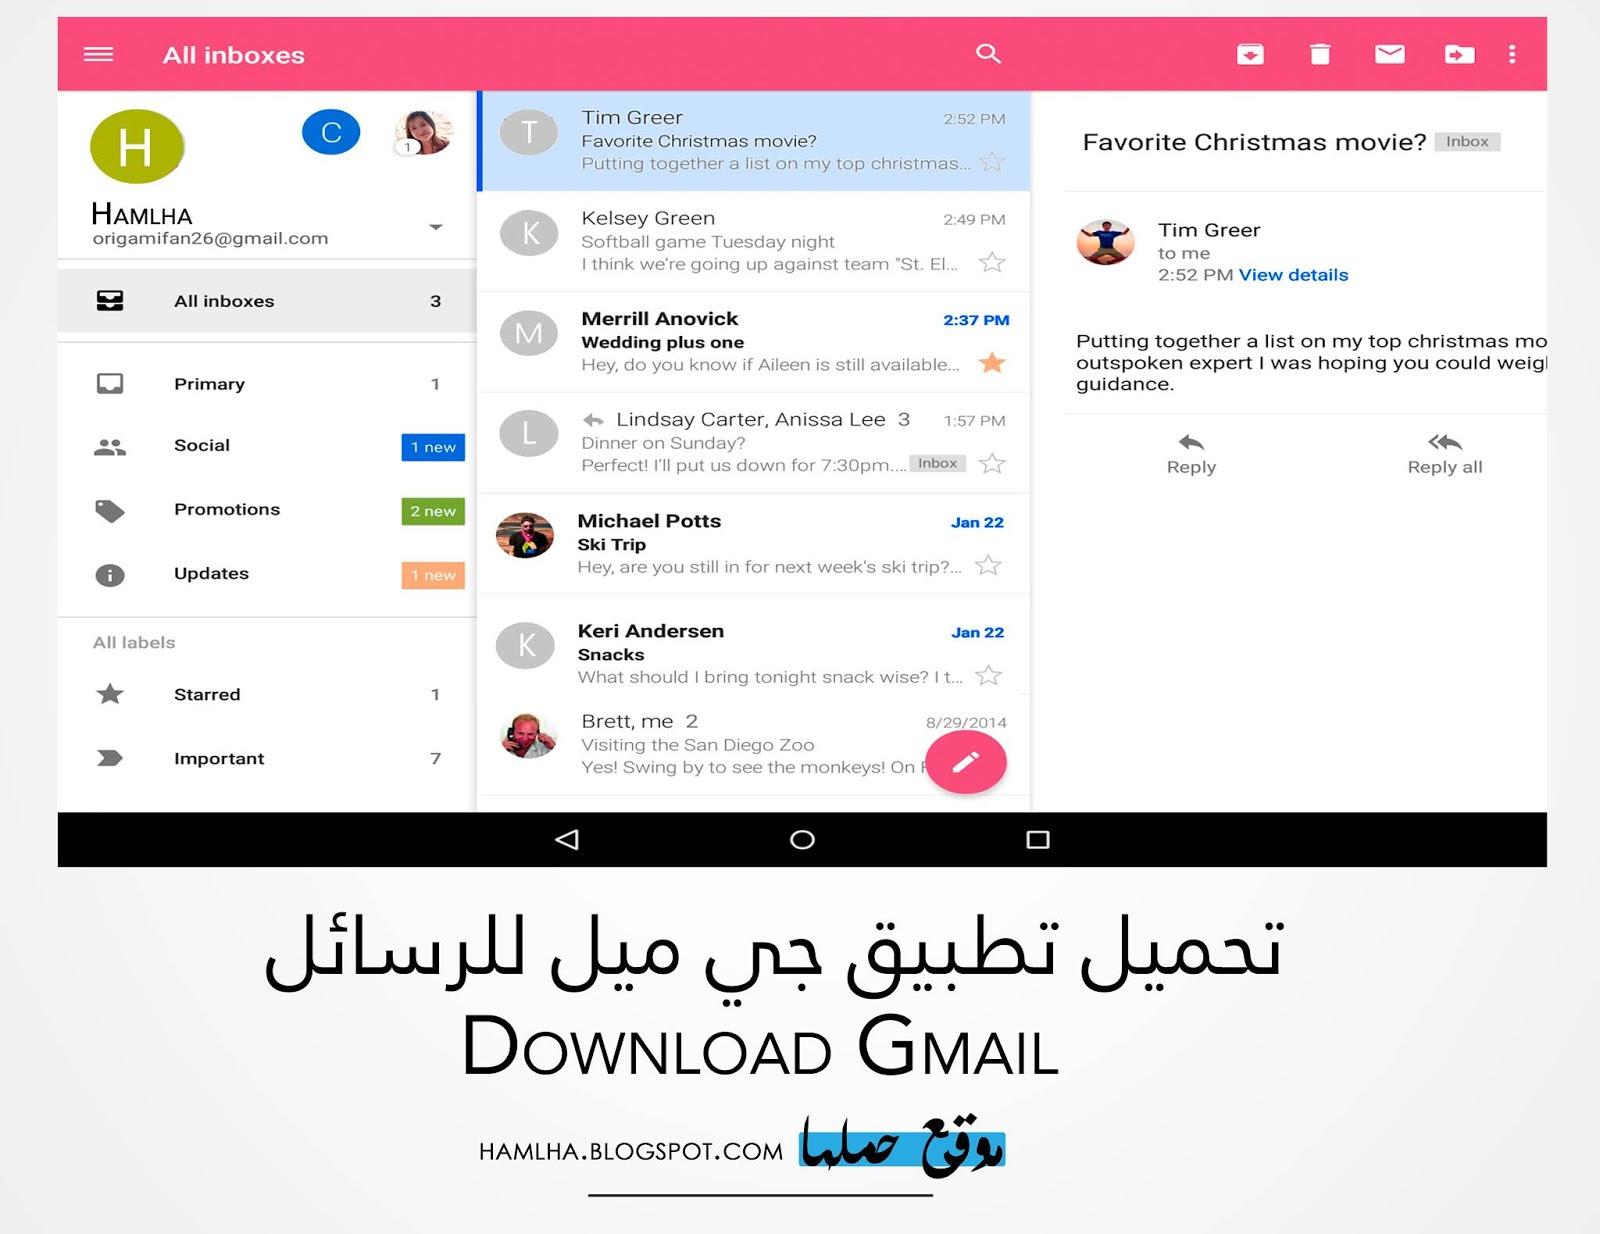 تحميل برنامج gmail ارسال واستقبال الرسائل